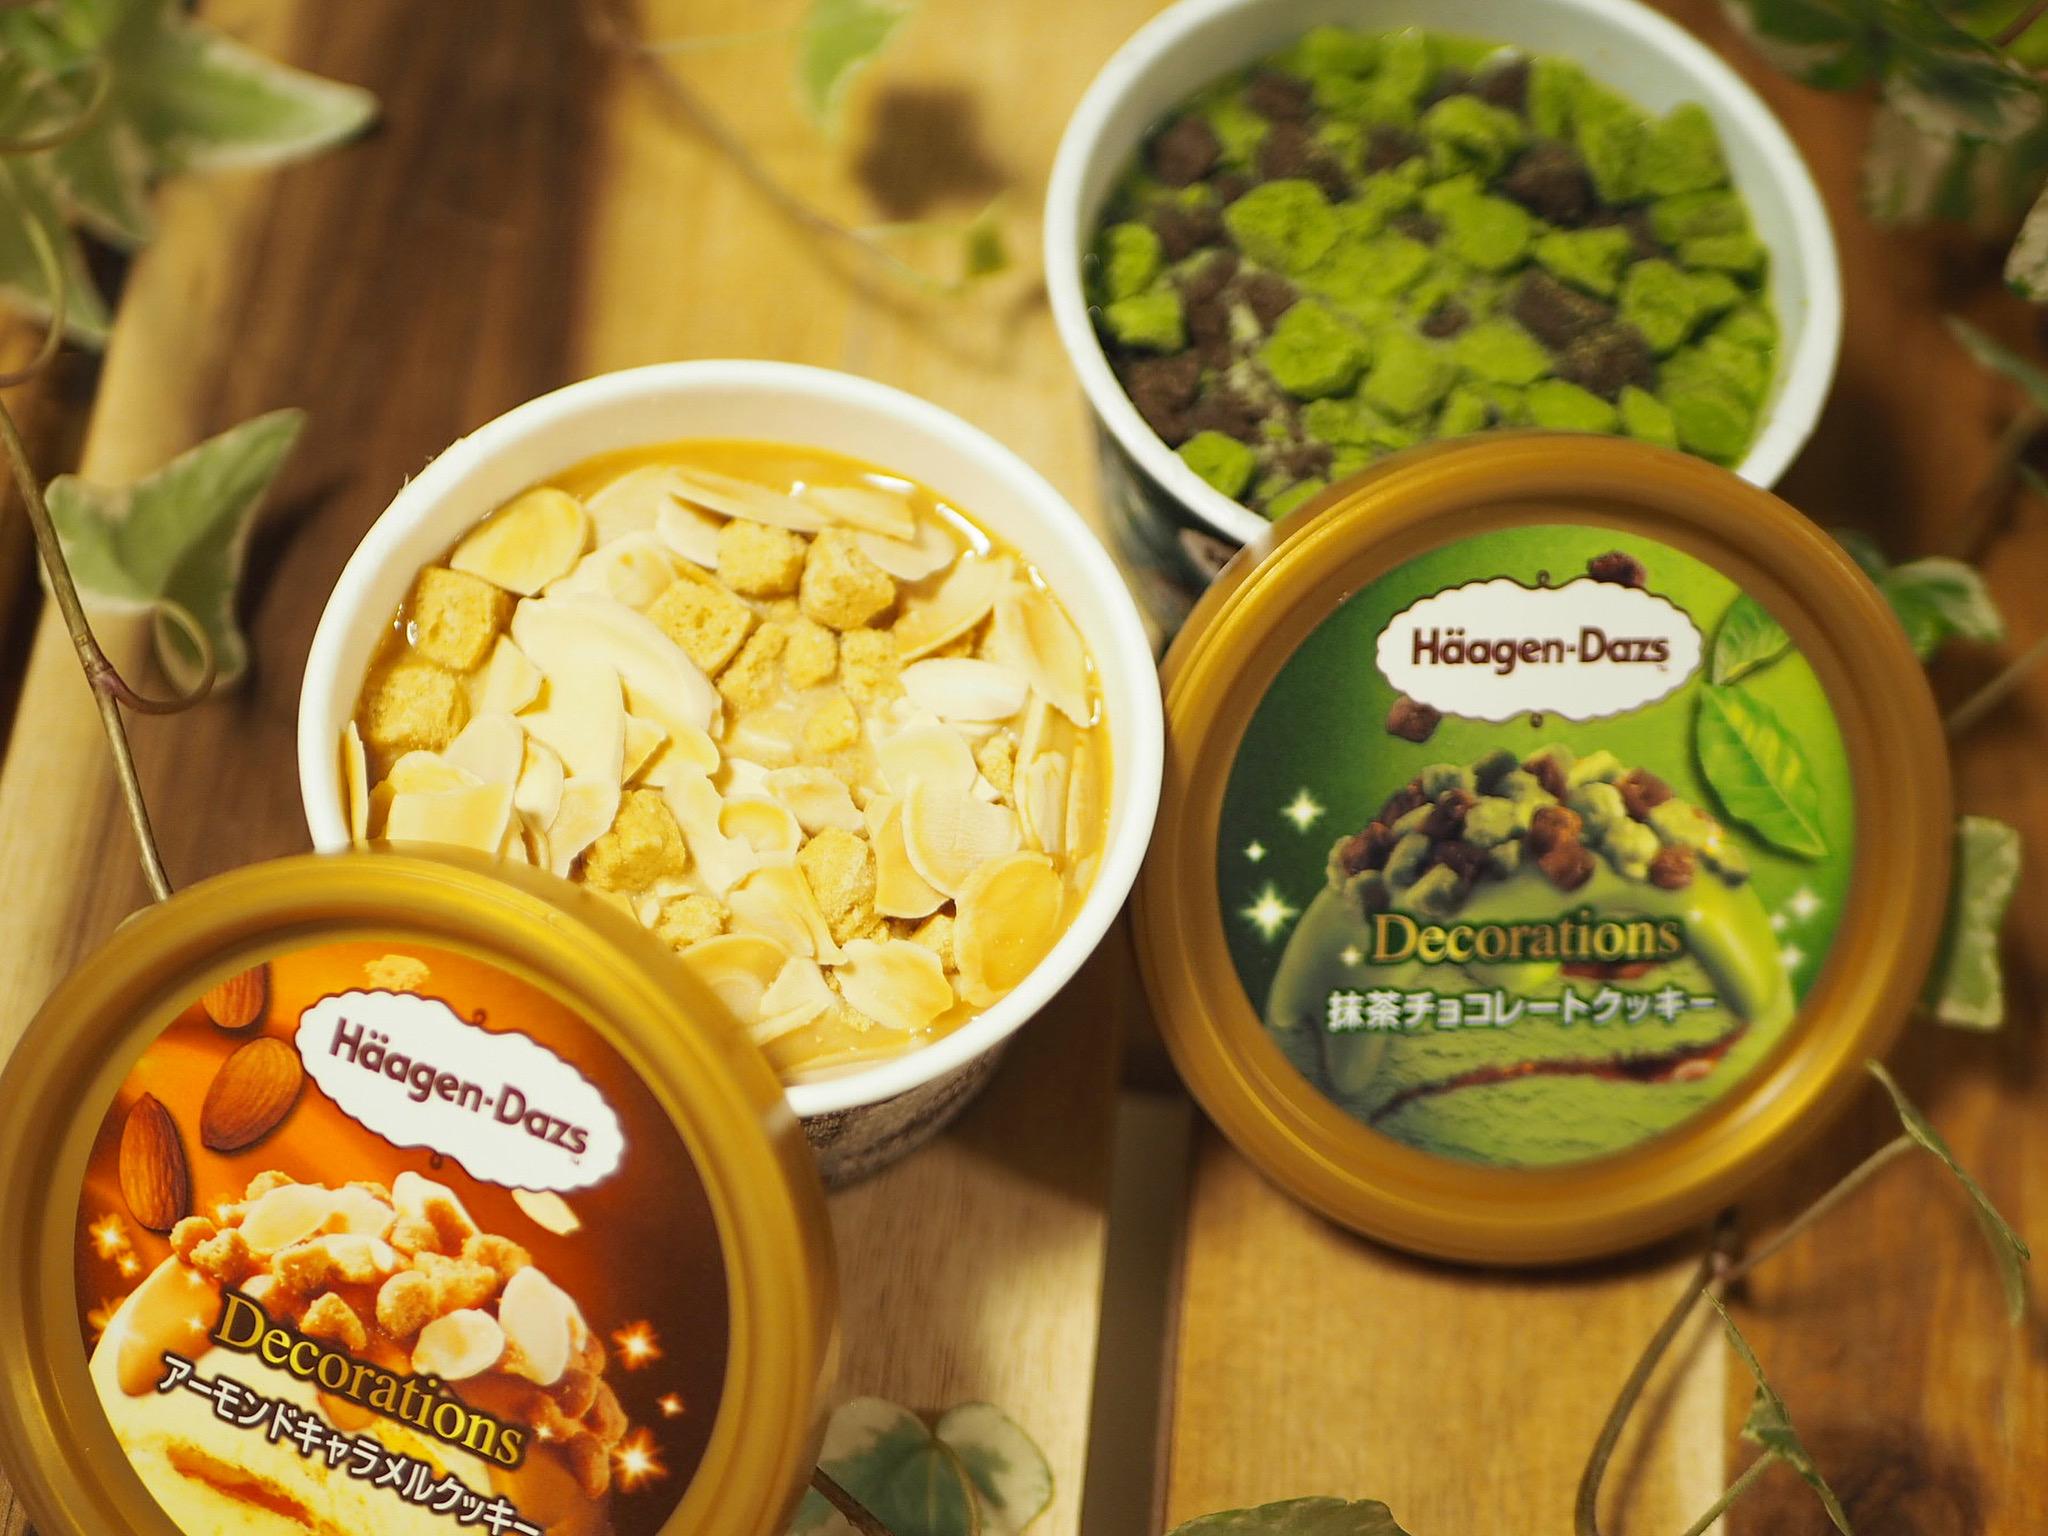 【おすすめ抹茶スイーツ】ハーゲンダッツ新商品!Decorations『抹茶チョコレートクッキー』❤︎_1